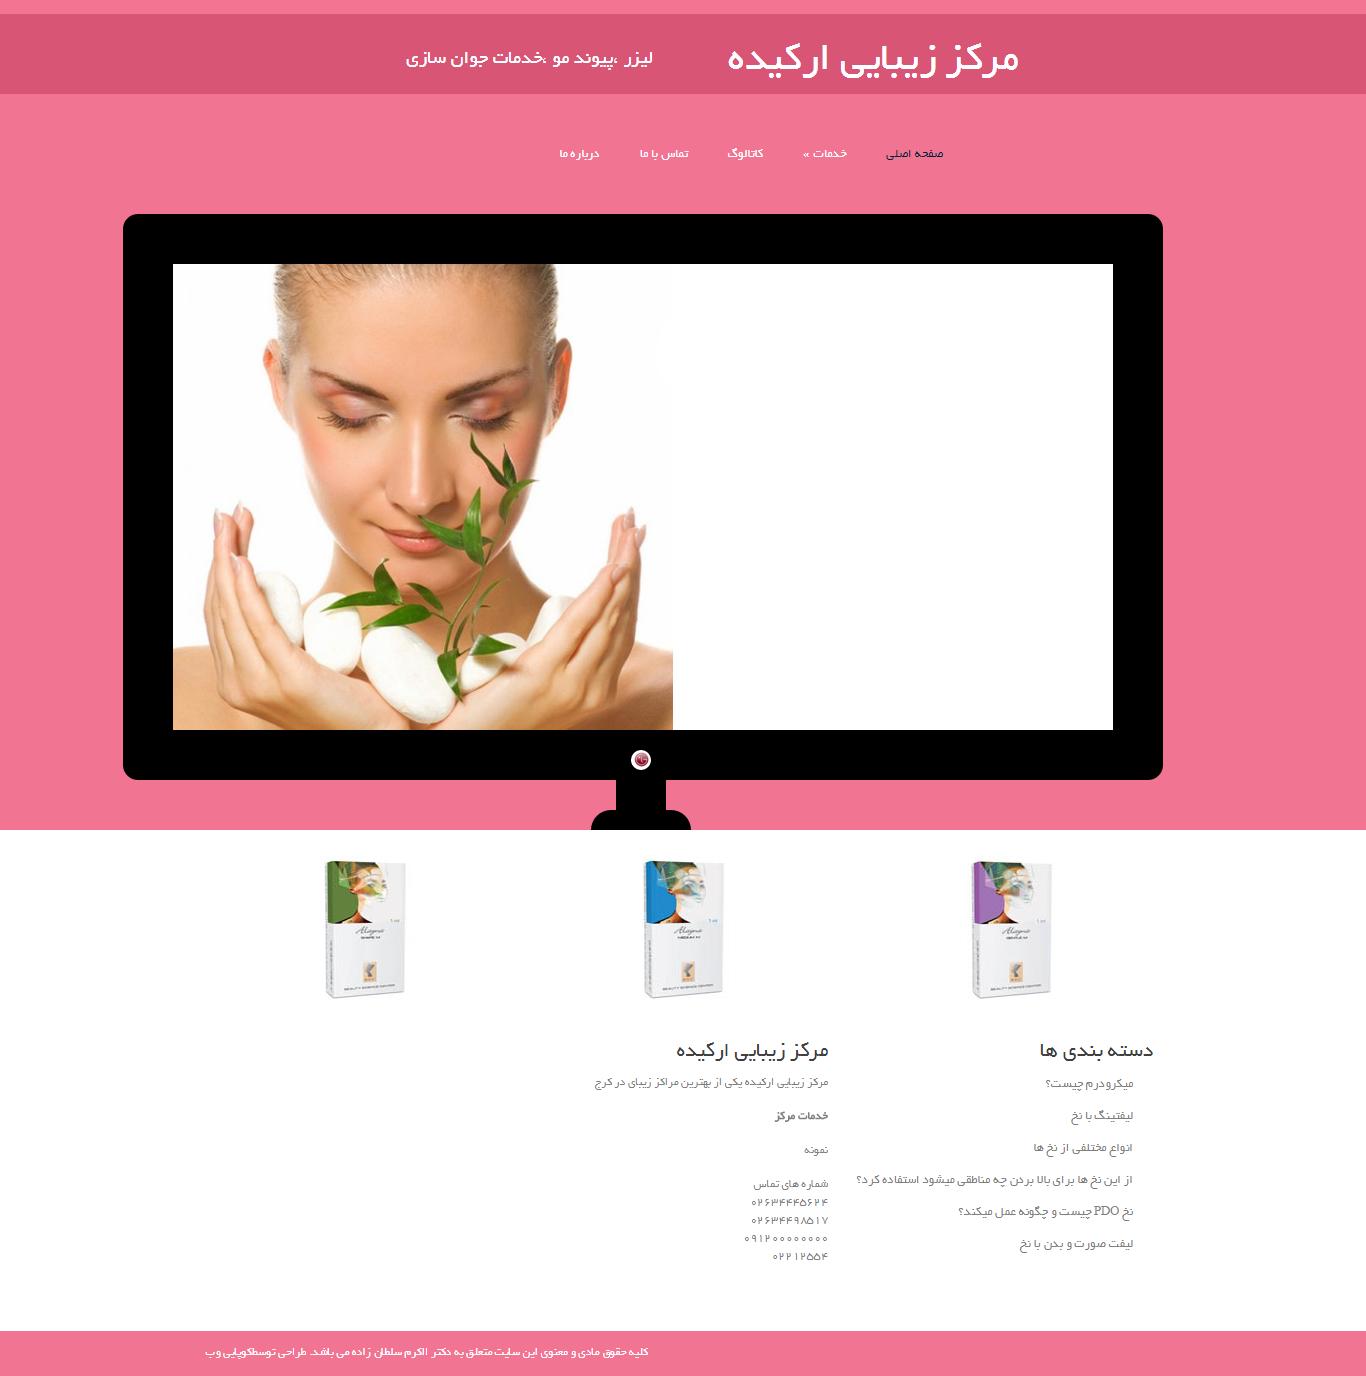 طراحی سایت مرکز زیبایی ارکیده